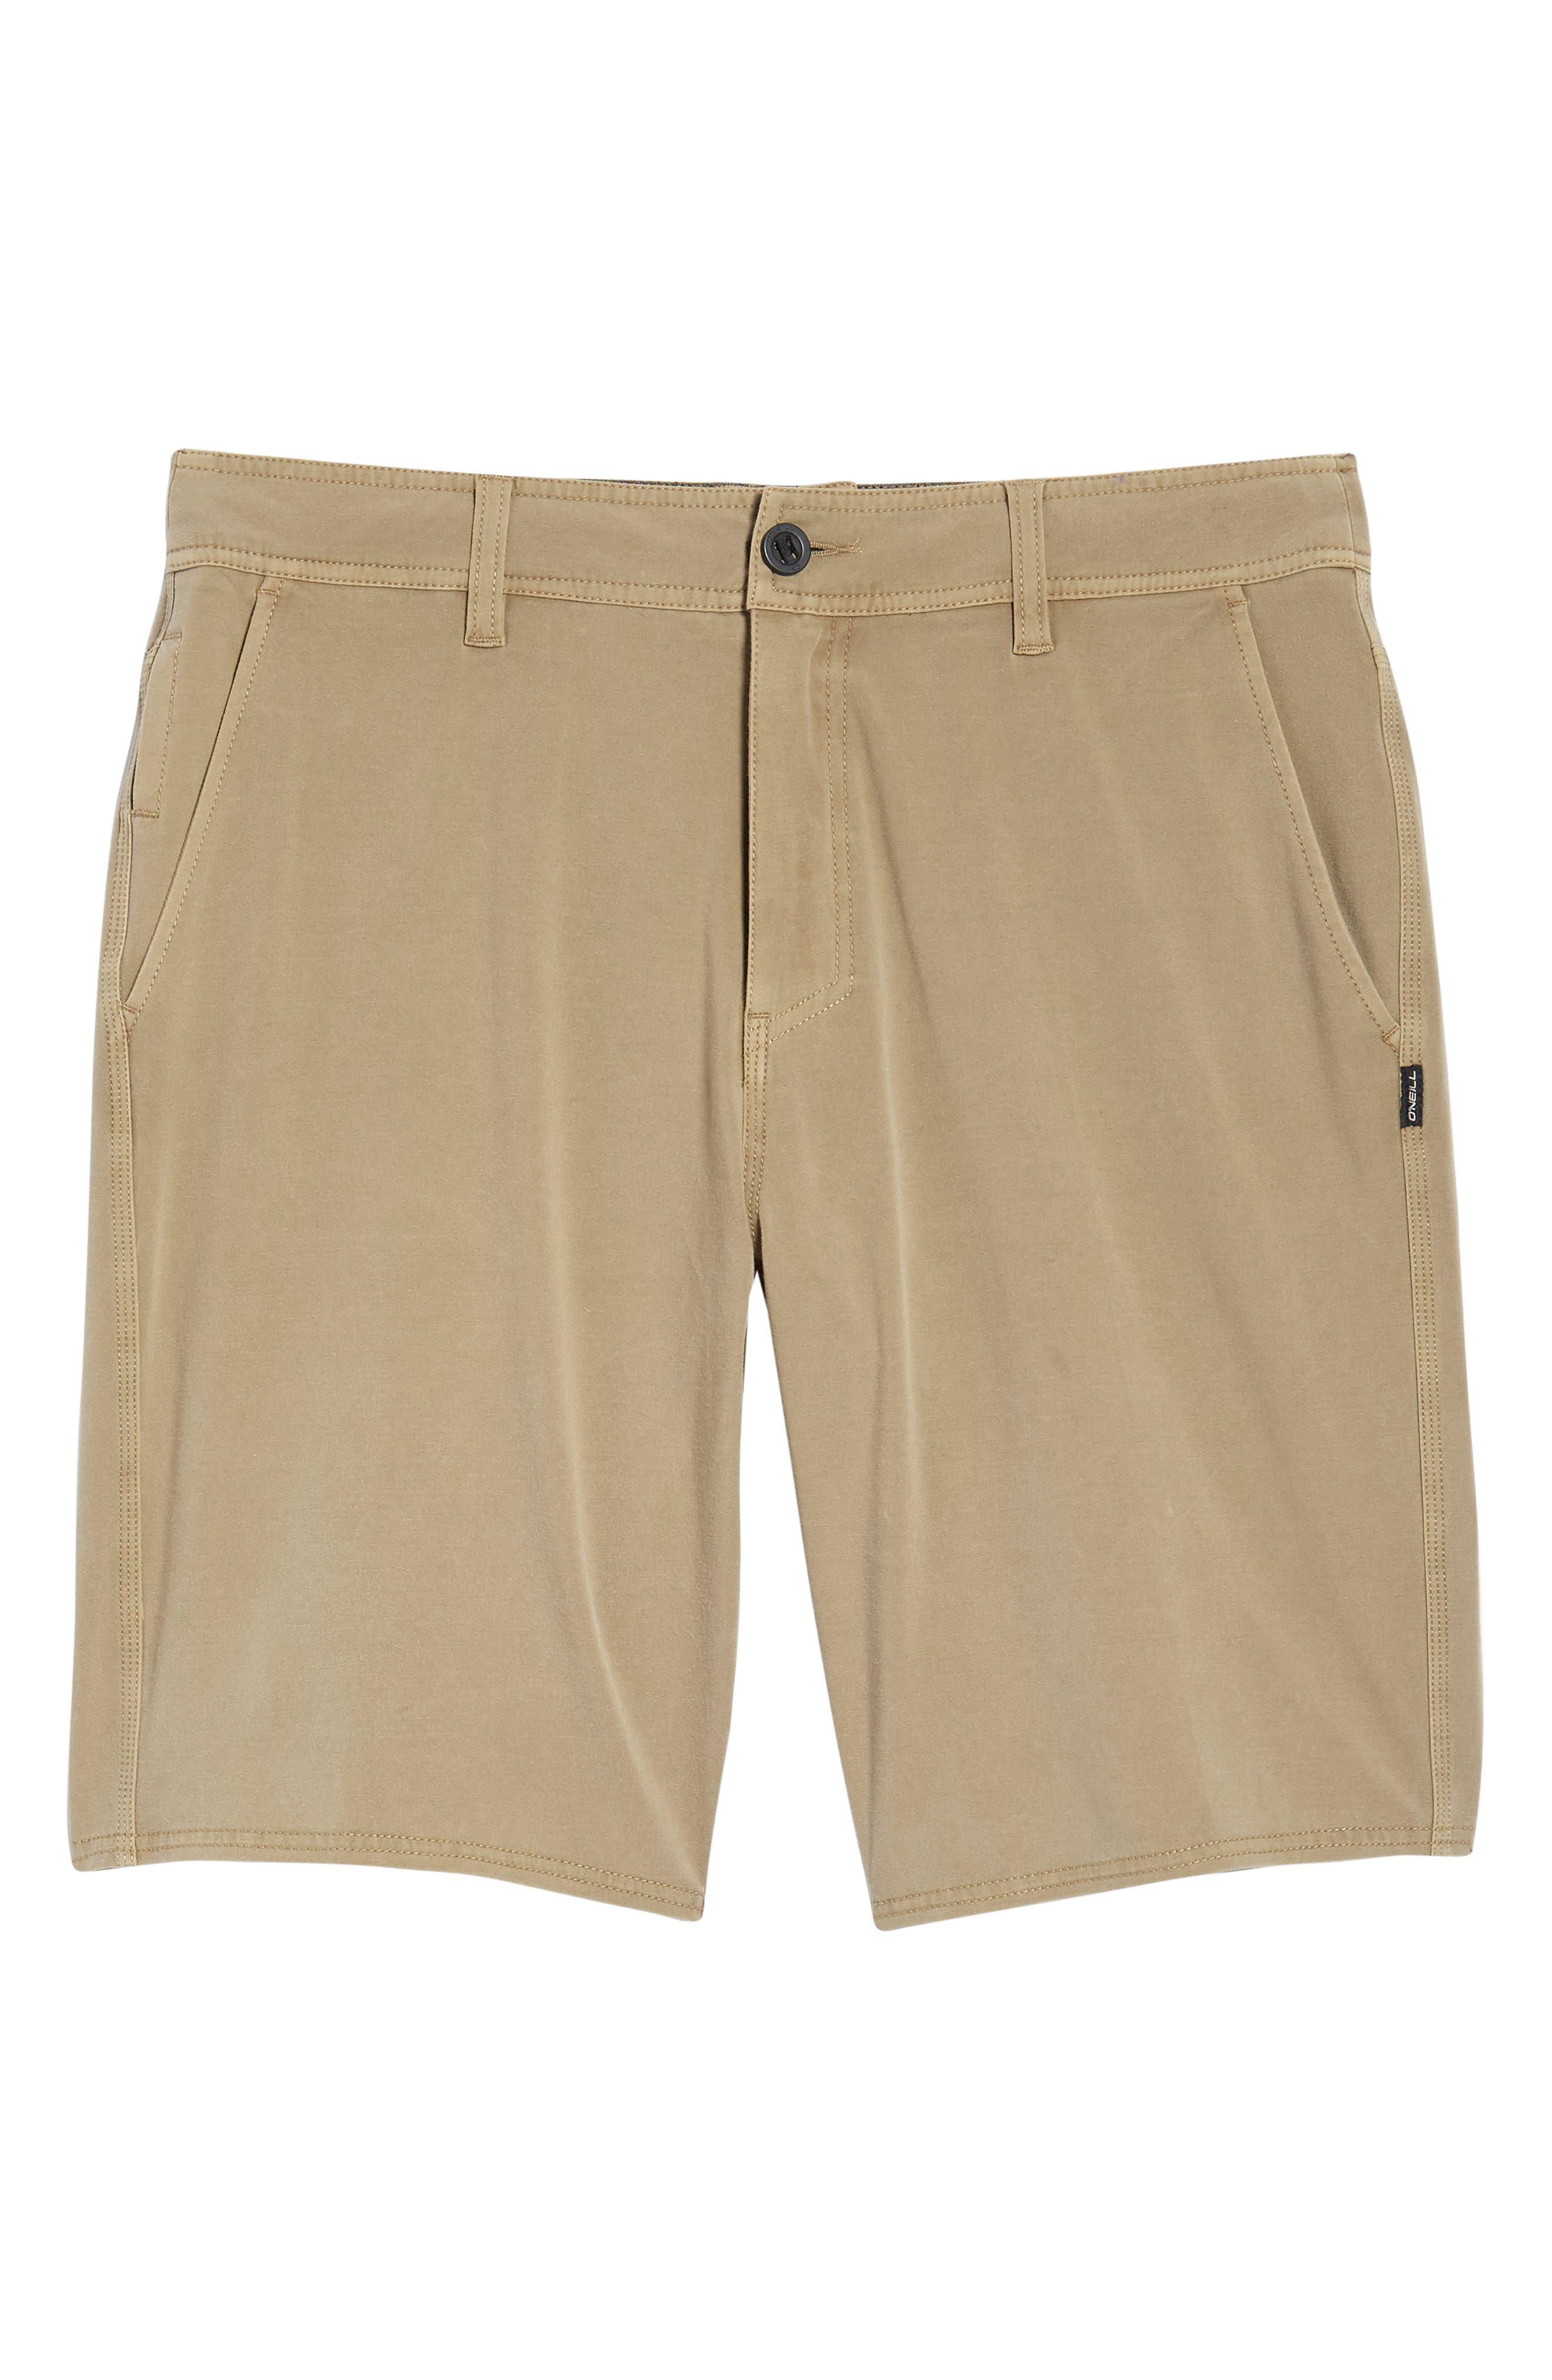 Venture Overdye Hybrid Shorts,                             Alternate thumbnail 6, color,                             Khaki